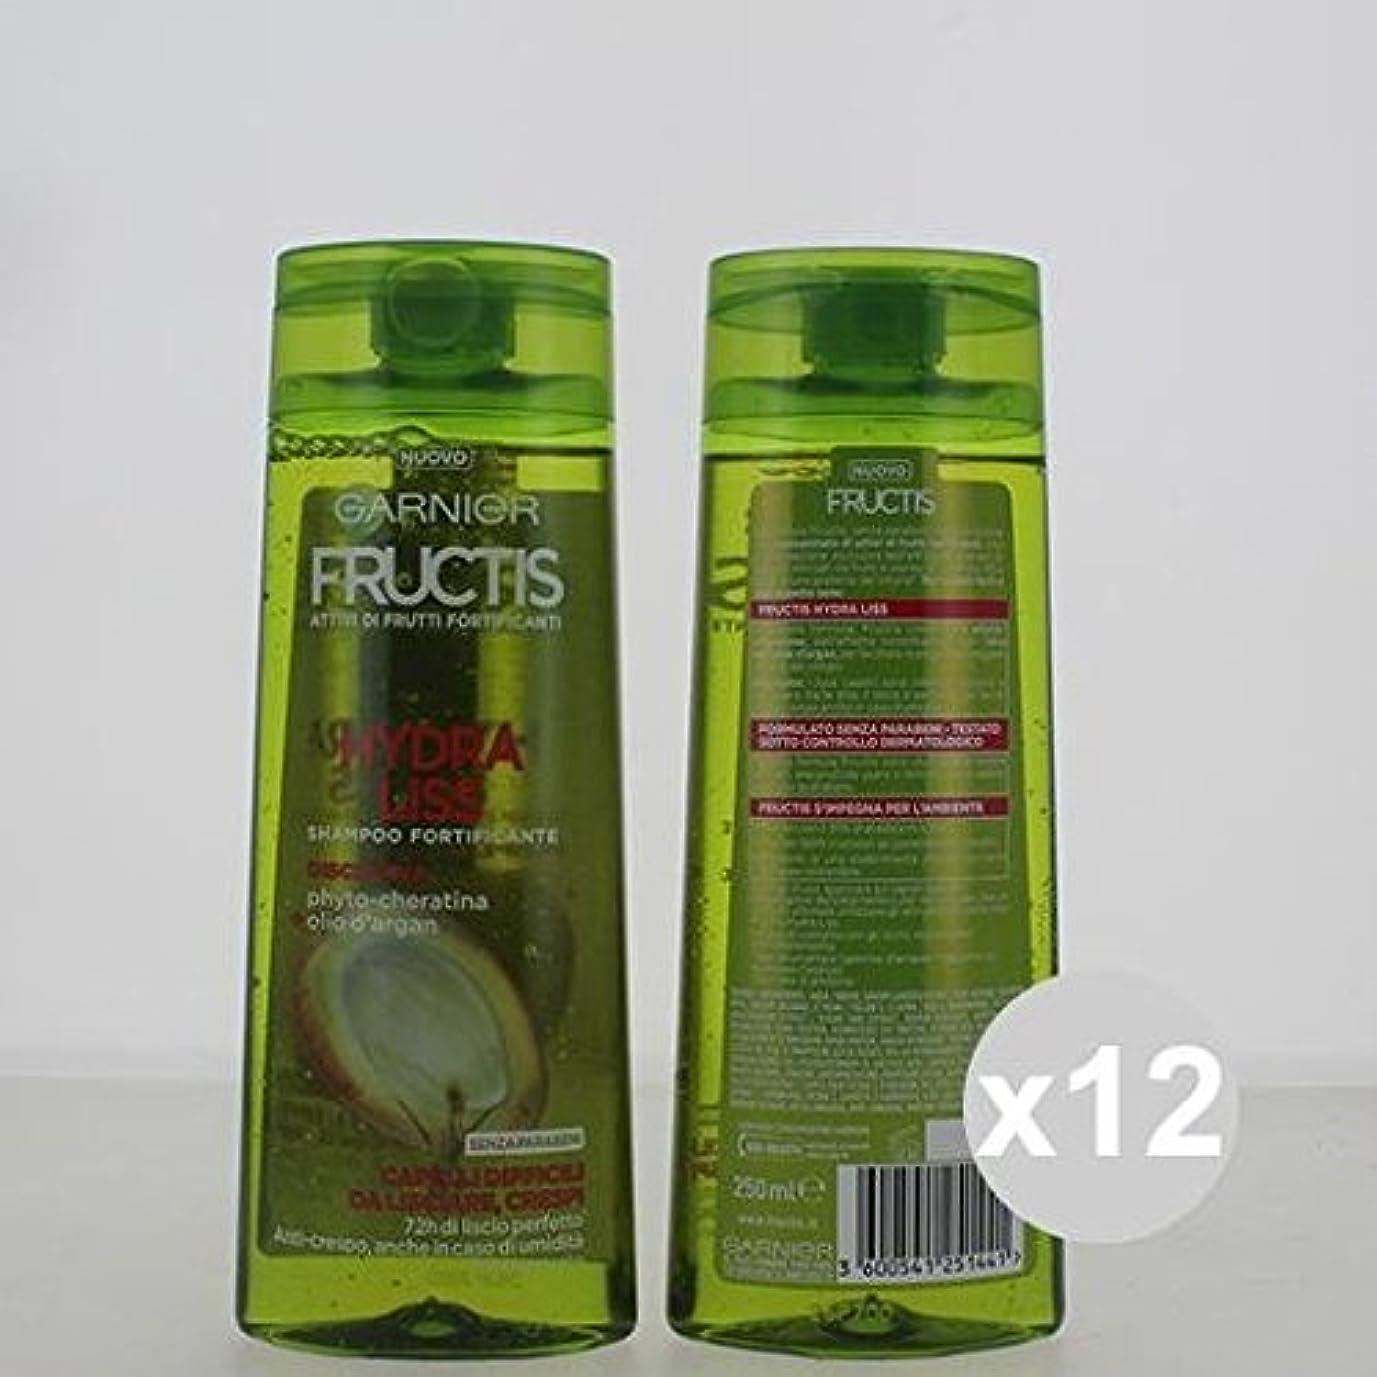 環境に優しい光沢押す12 Fructisシャンプー250ヒドラリスシャンプーとコンディショナーヘア製品のセット